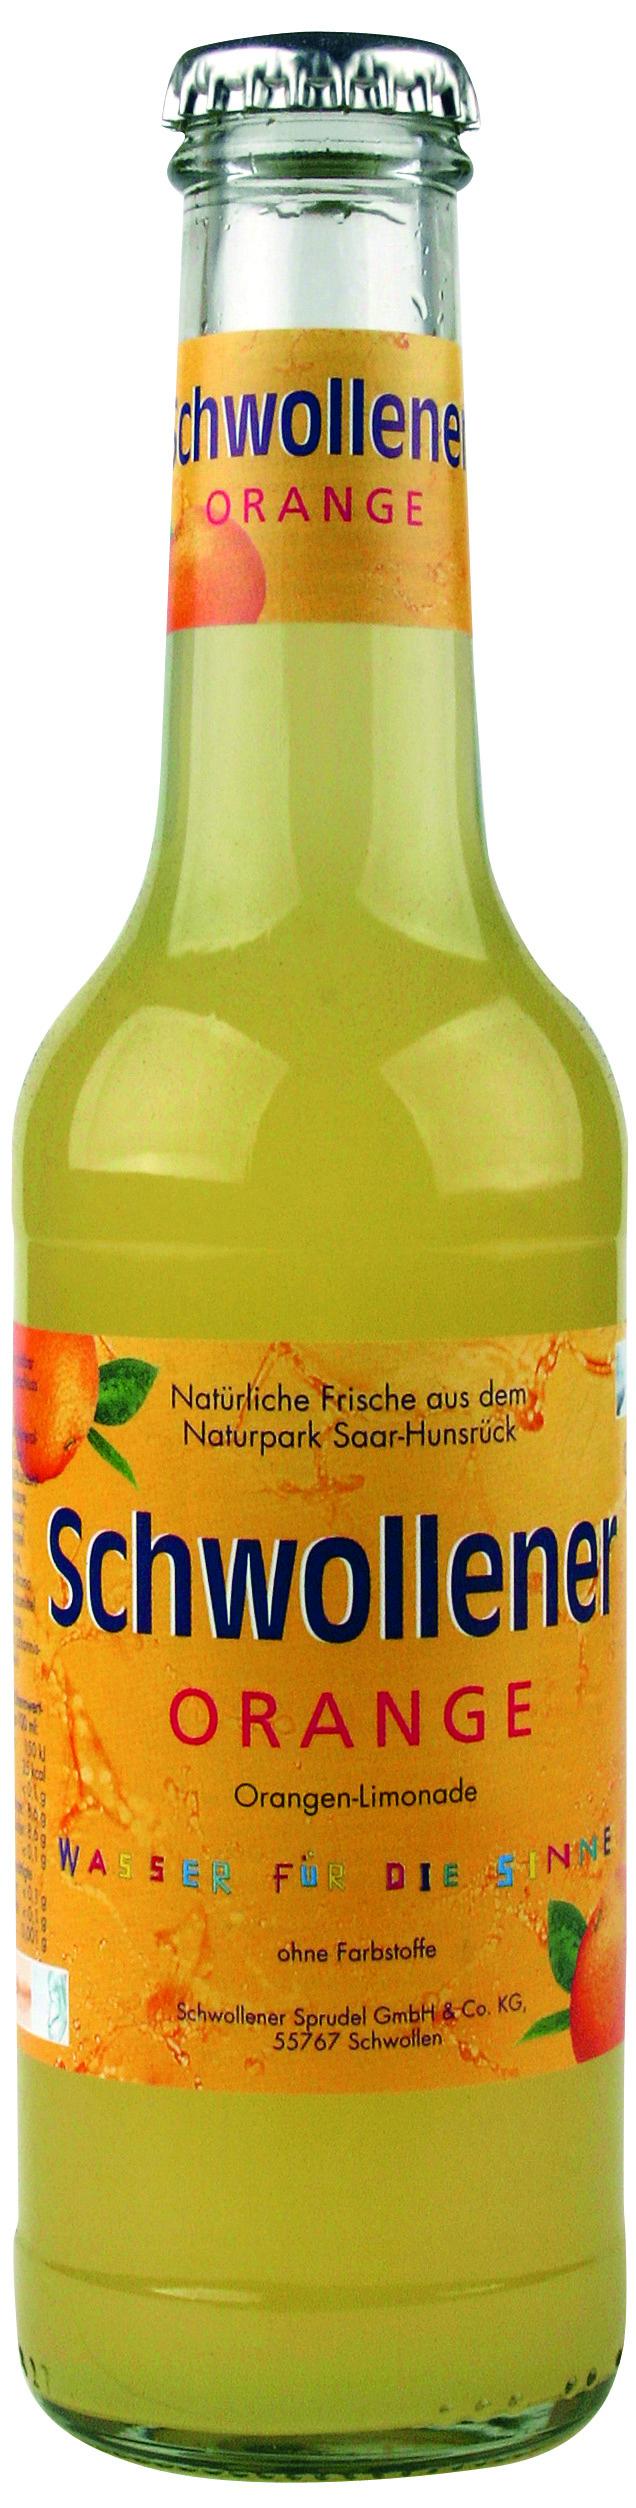 Schwollener Orange 0,25l Glas (0,25 Liter) Schwollener Sprudel GmbH ...